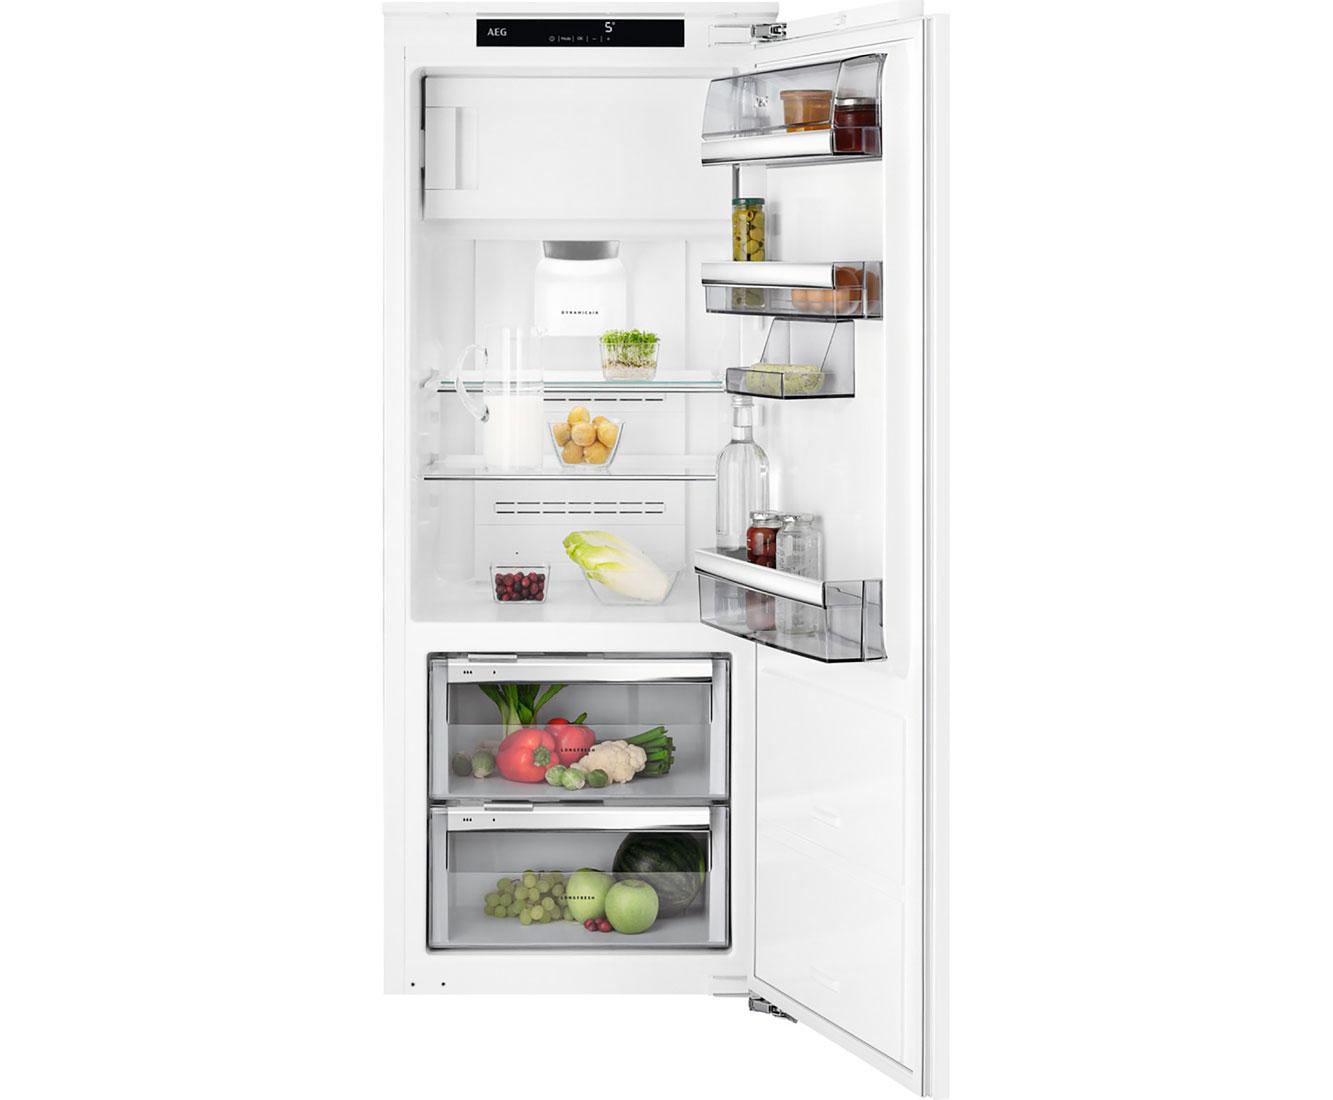 Aeg Kühlschrank Laut : Aeg sfe81436zc einbau kühlschrank mit gefrierfach 140er nische